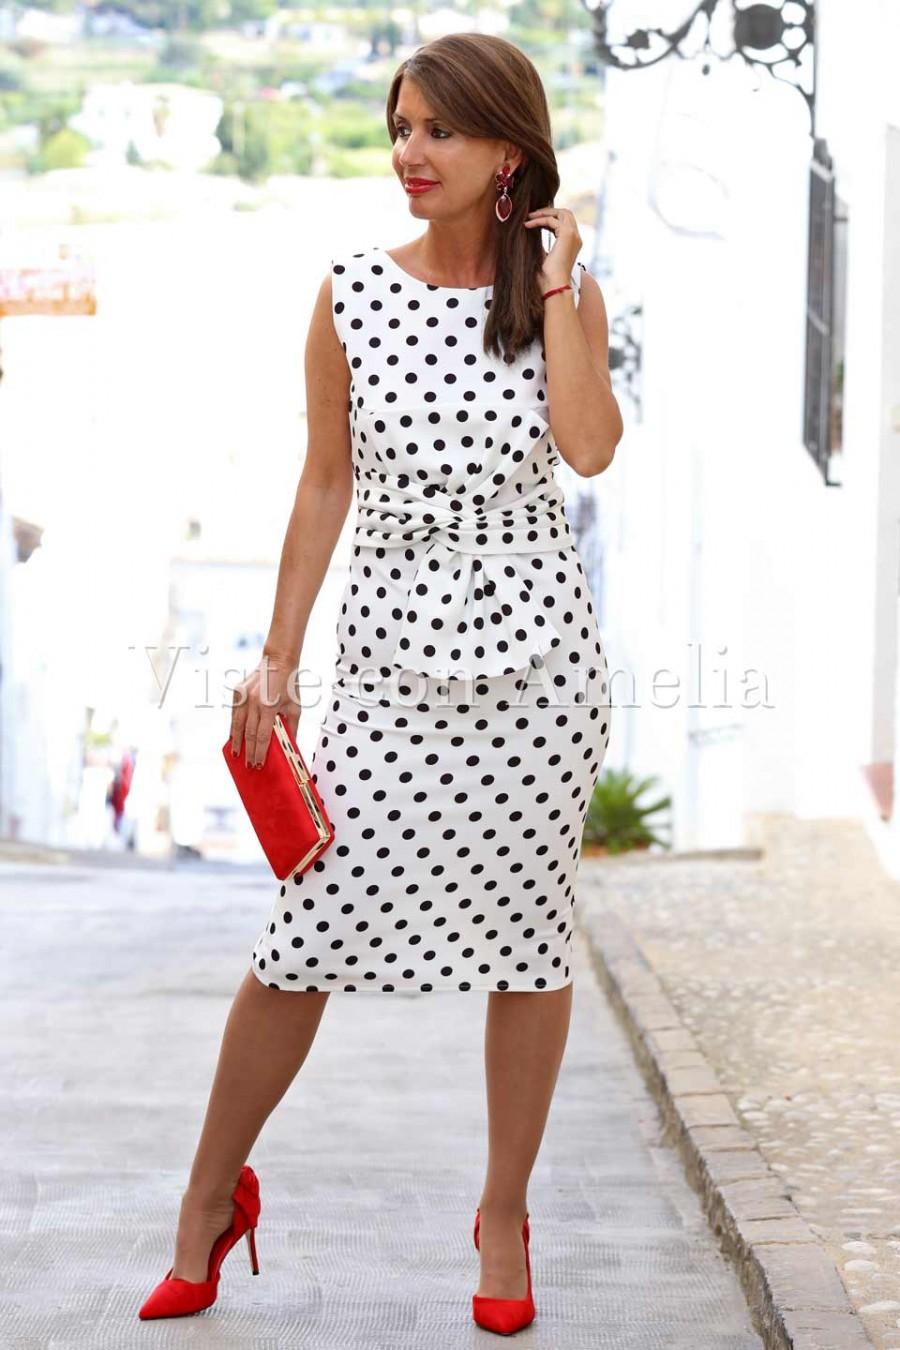 Vestido blanco y negro con zapatos rojos